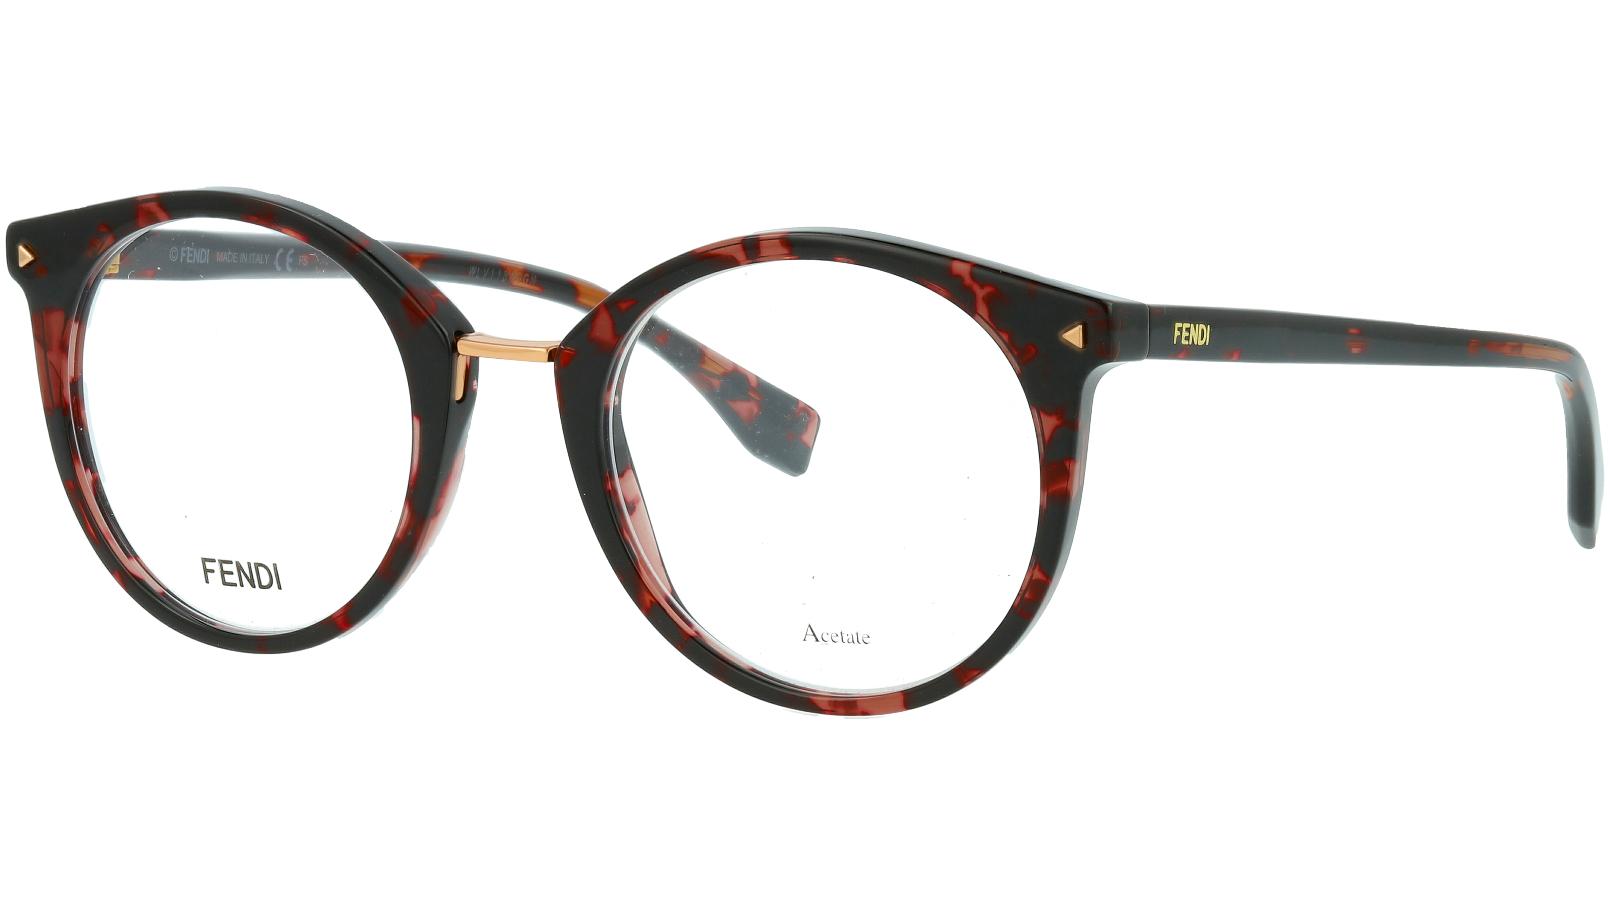 Fendi FF0350 HT8 48 PINK Glasses